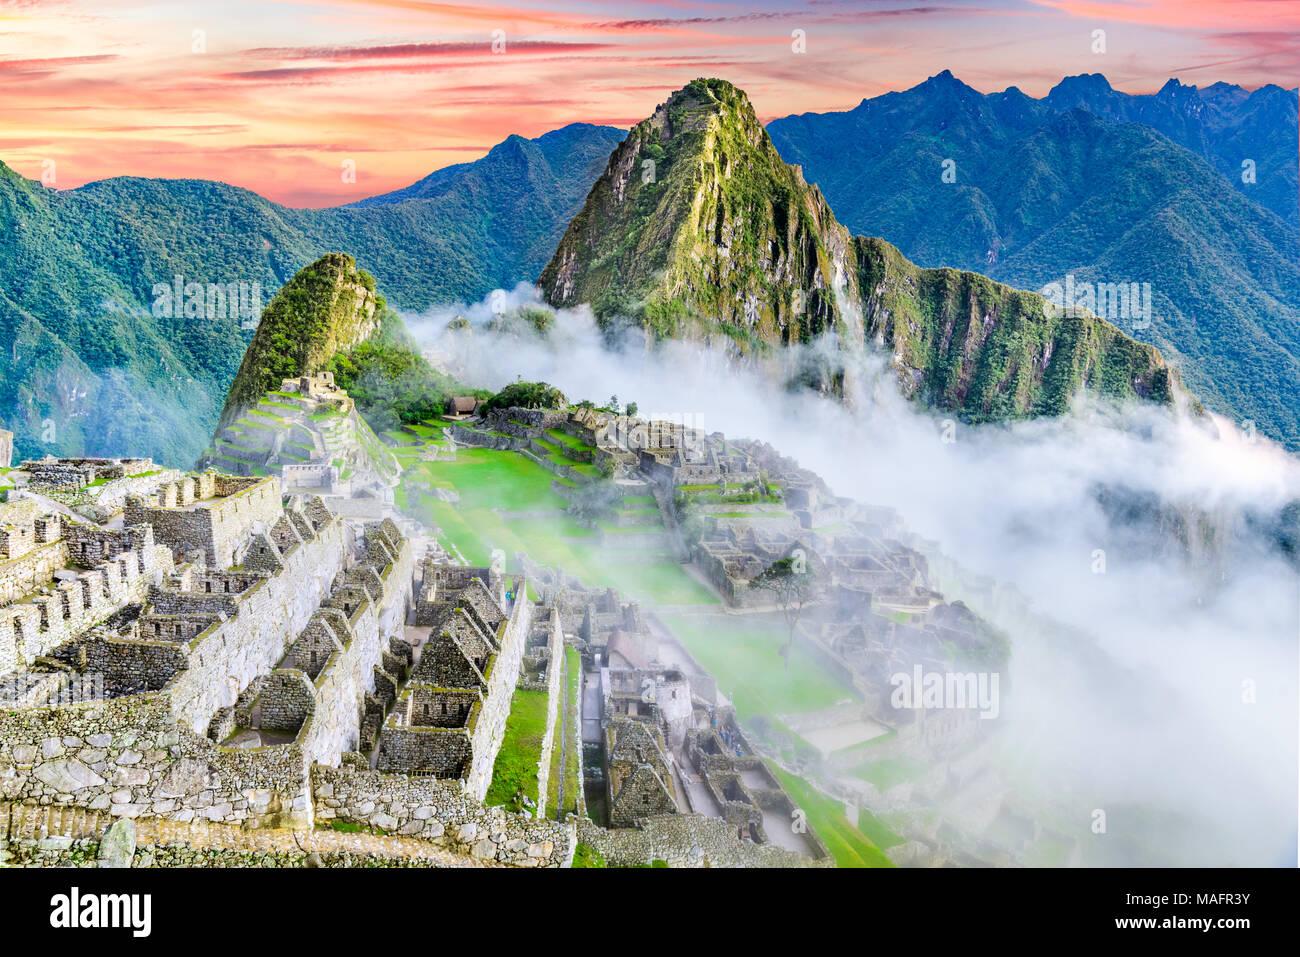 Machu Picchu in Peru - die Ruinen von Inca Empire City und Huaynapicchu Berg im Heiligen Tal, Cusco, Südamerika. Stockbild